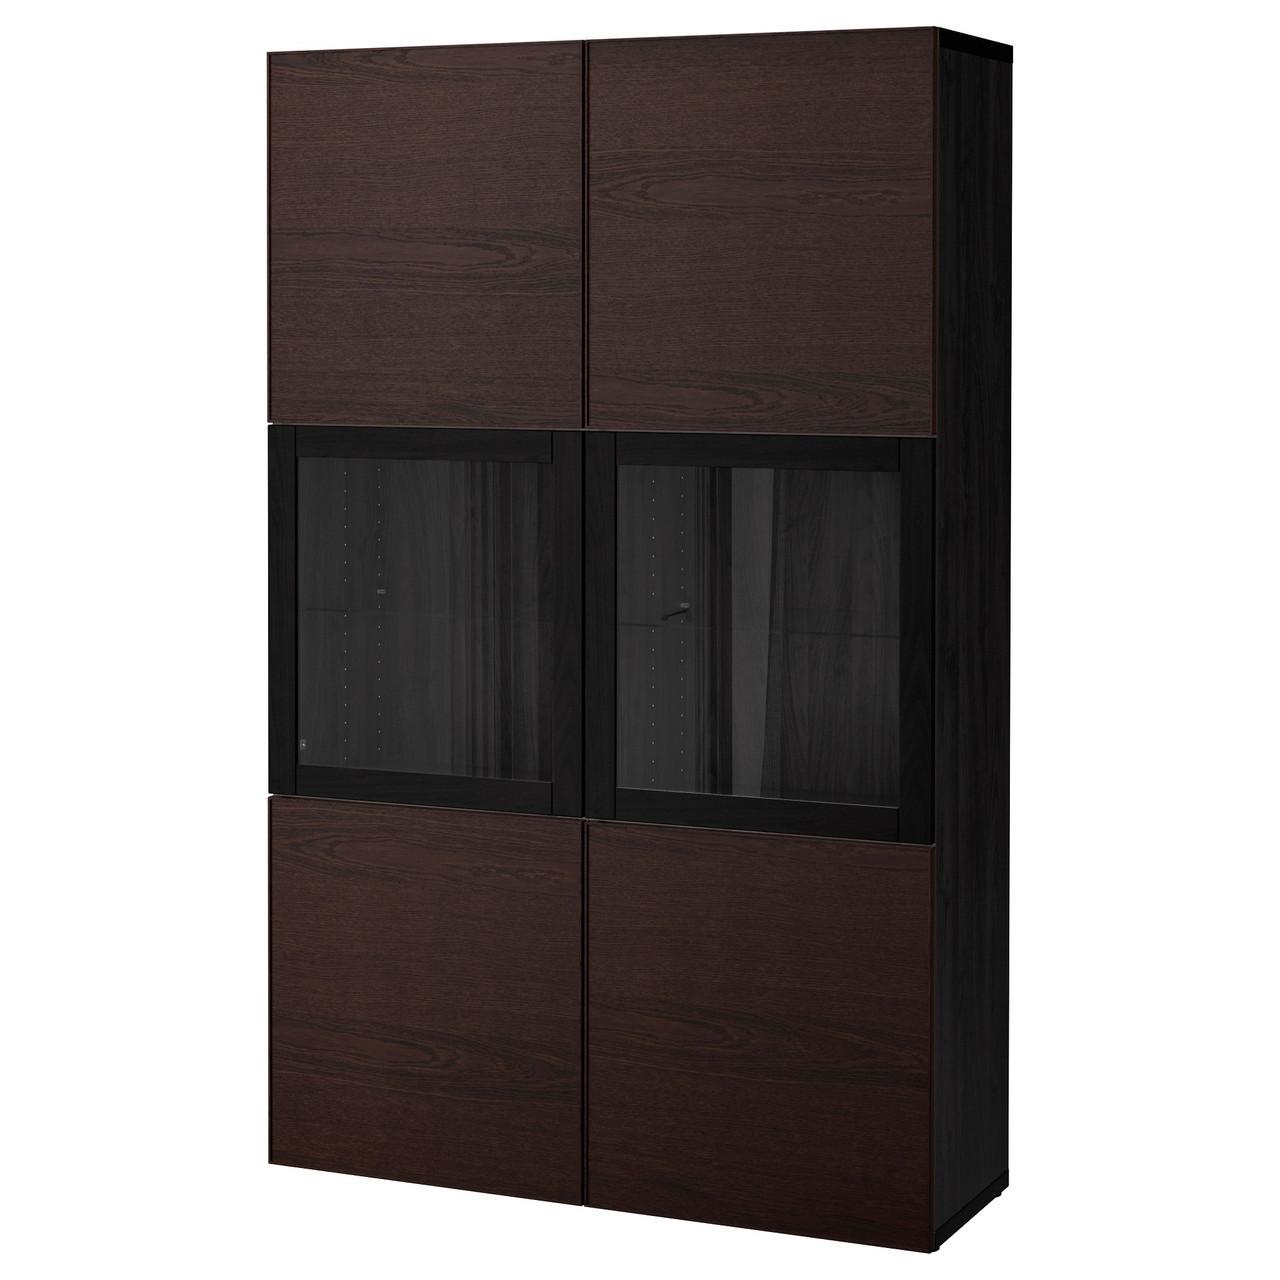 Сервант IKEA BESTÅ 120x40x192 см Inviken черный коричневый 792.055.03